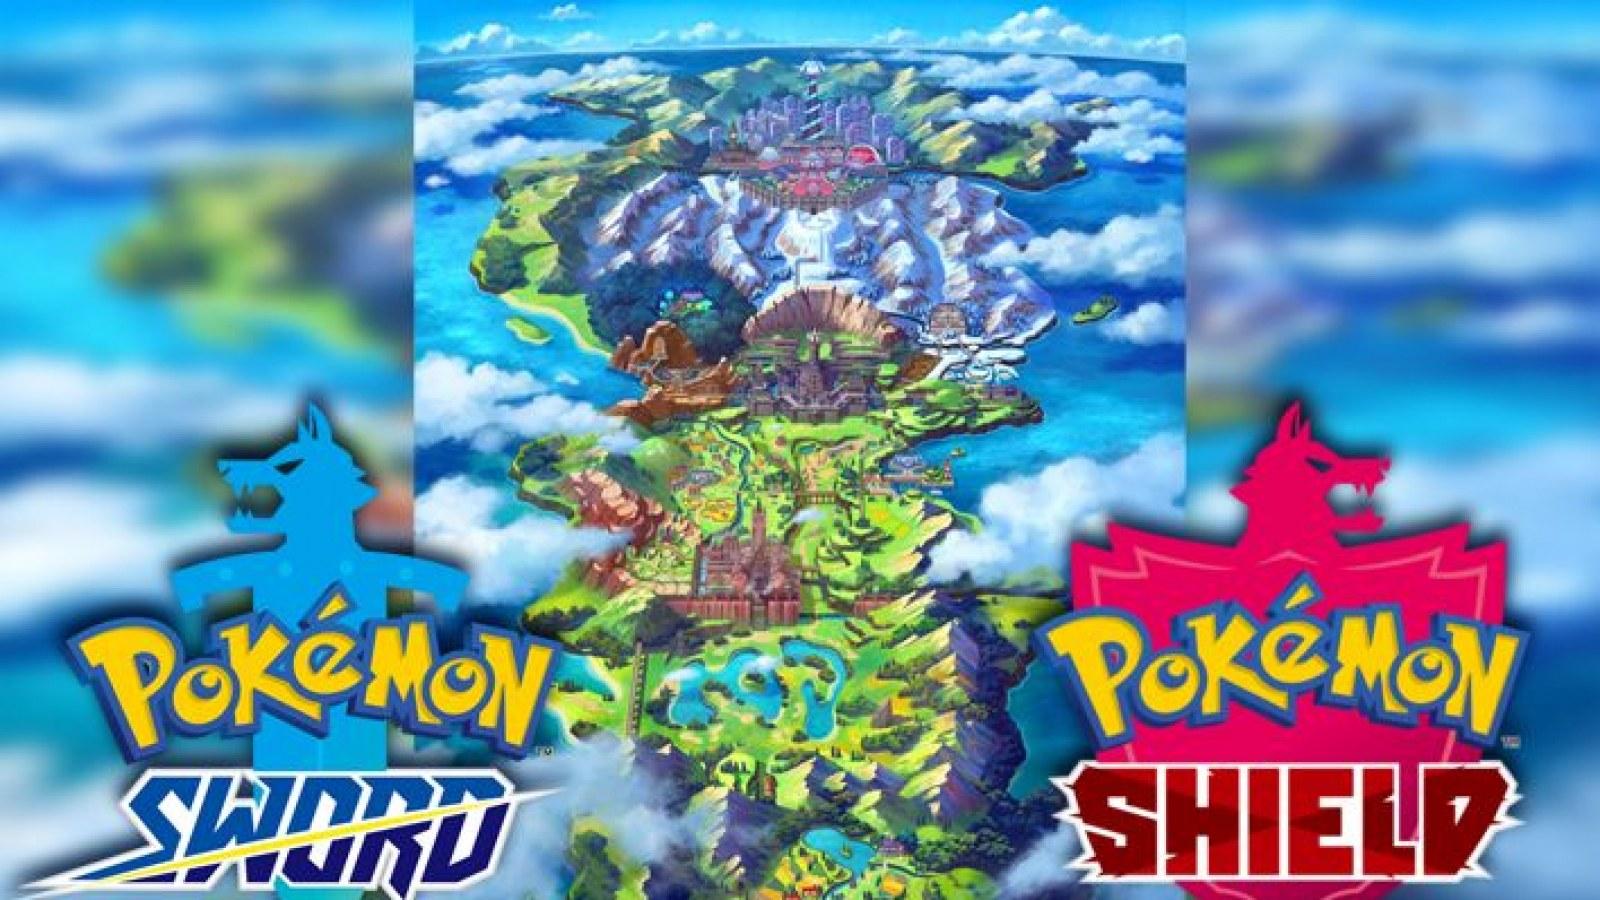 Pokemon Sword And Shield Corocoro Leak Confirms New Unnamed Attack